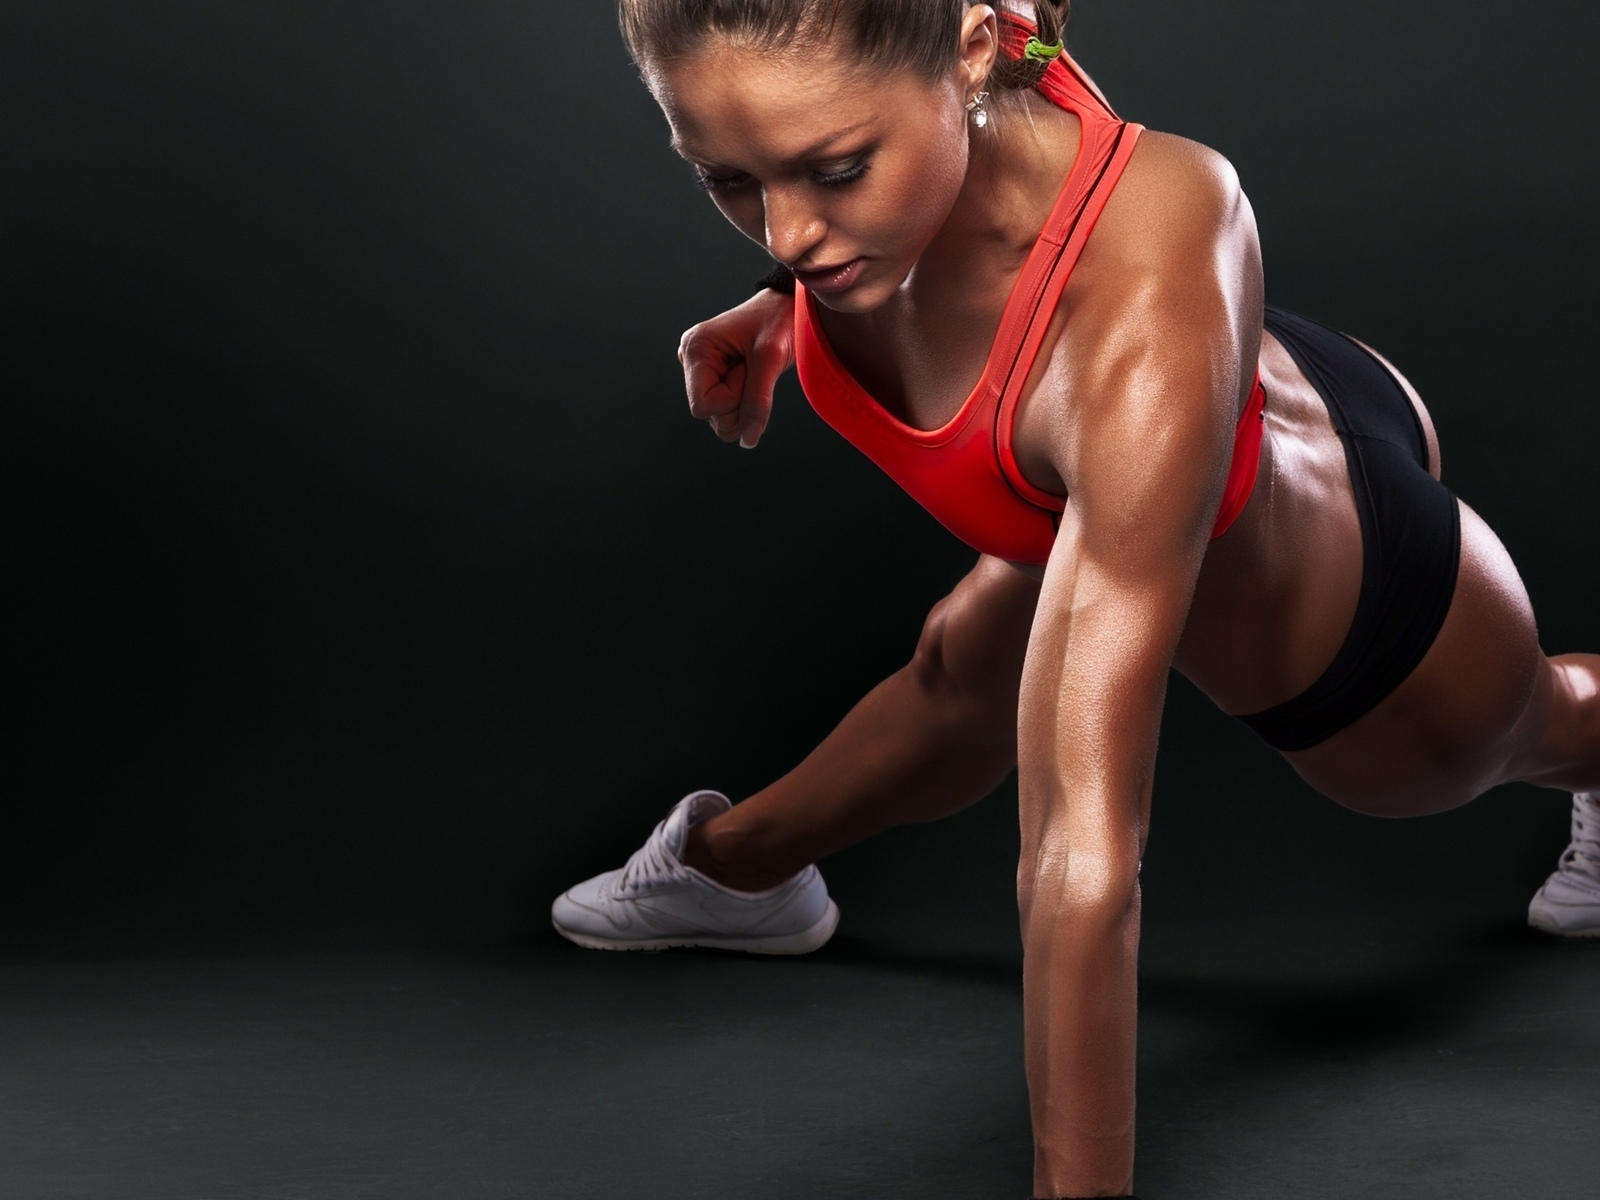 Табата - упражнения для похудения: отзывы и результаты, видео уроки